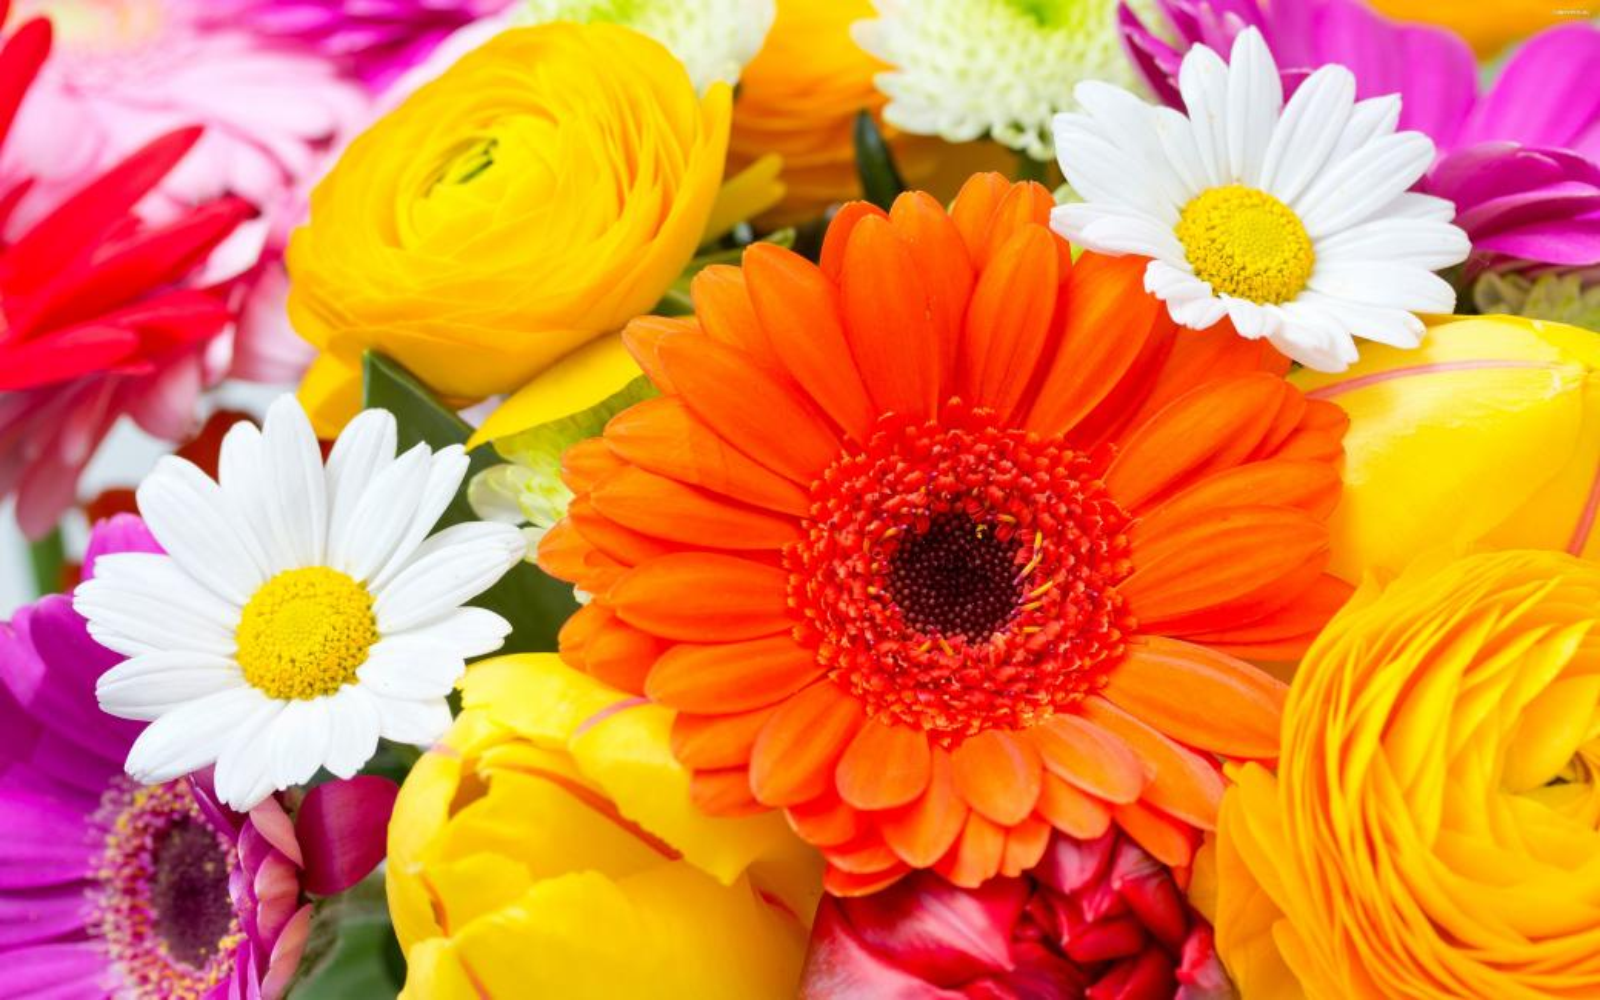 Kolorowe kwiaty - Kolorowy bukiet kwiatów wiosennych (8×8)